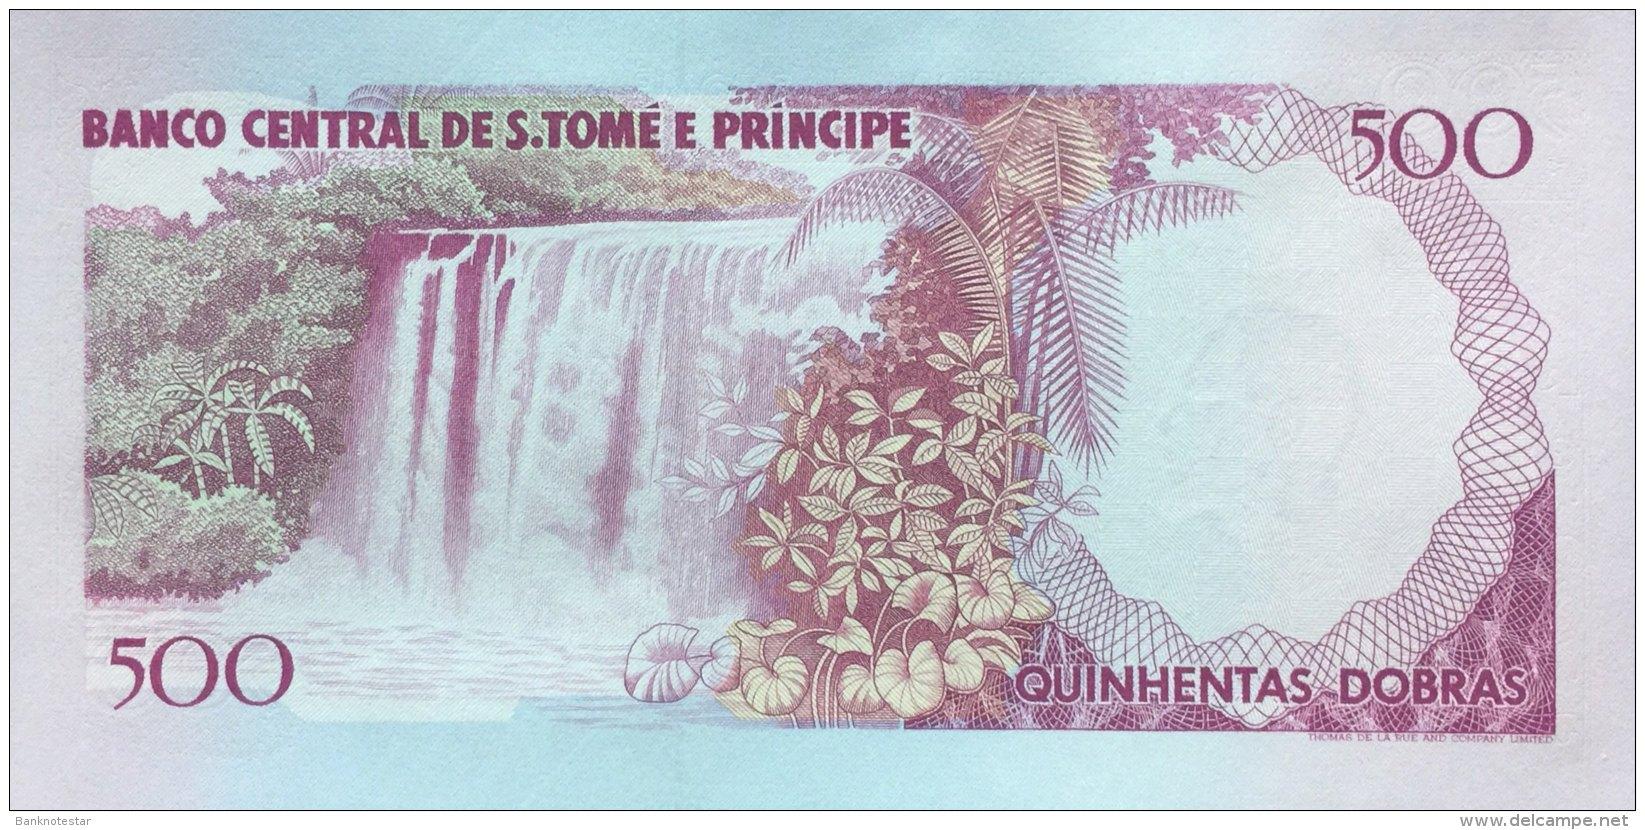 St. Thomas & Prince 500 Dobras, P-63 (1993) - UNC - São Tomé U. Príncipe